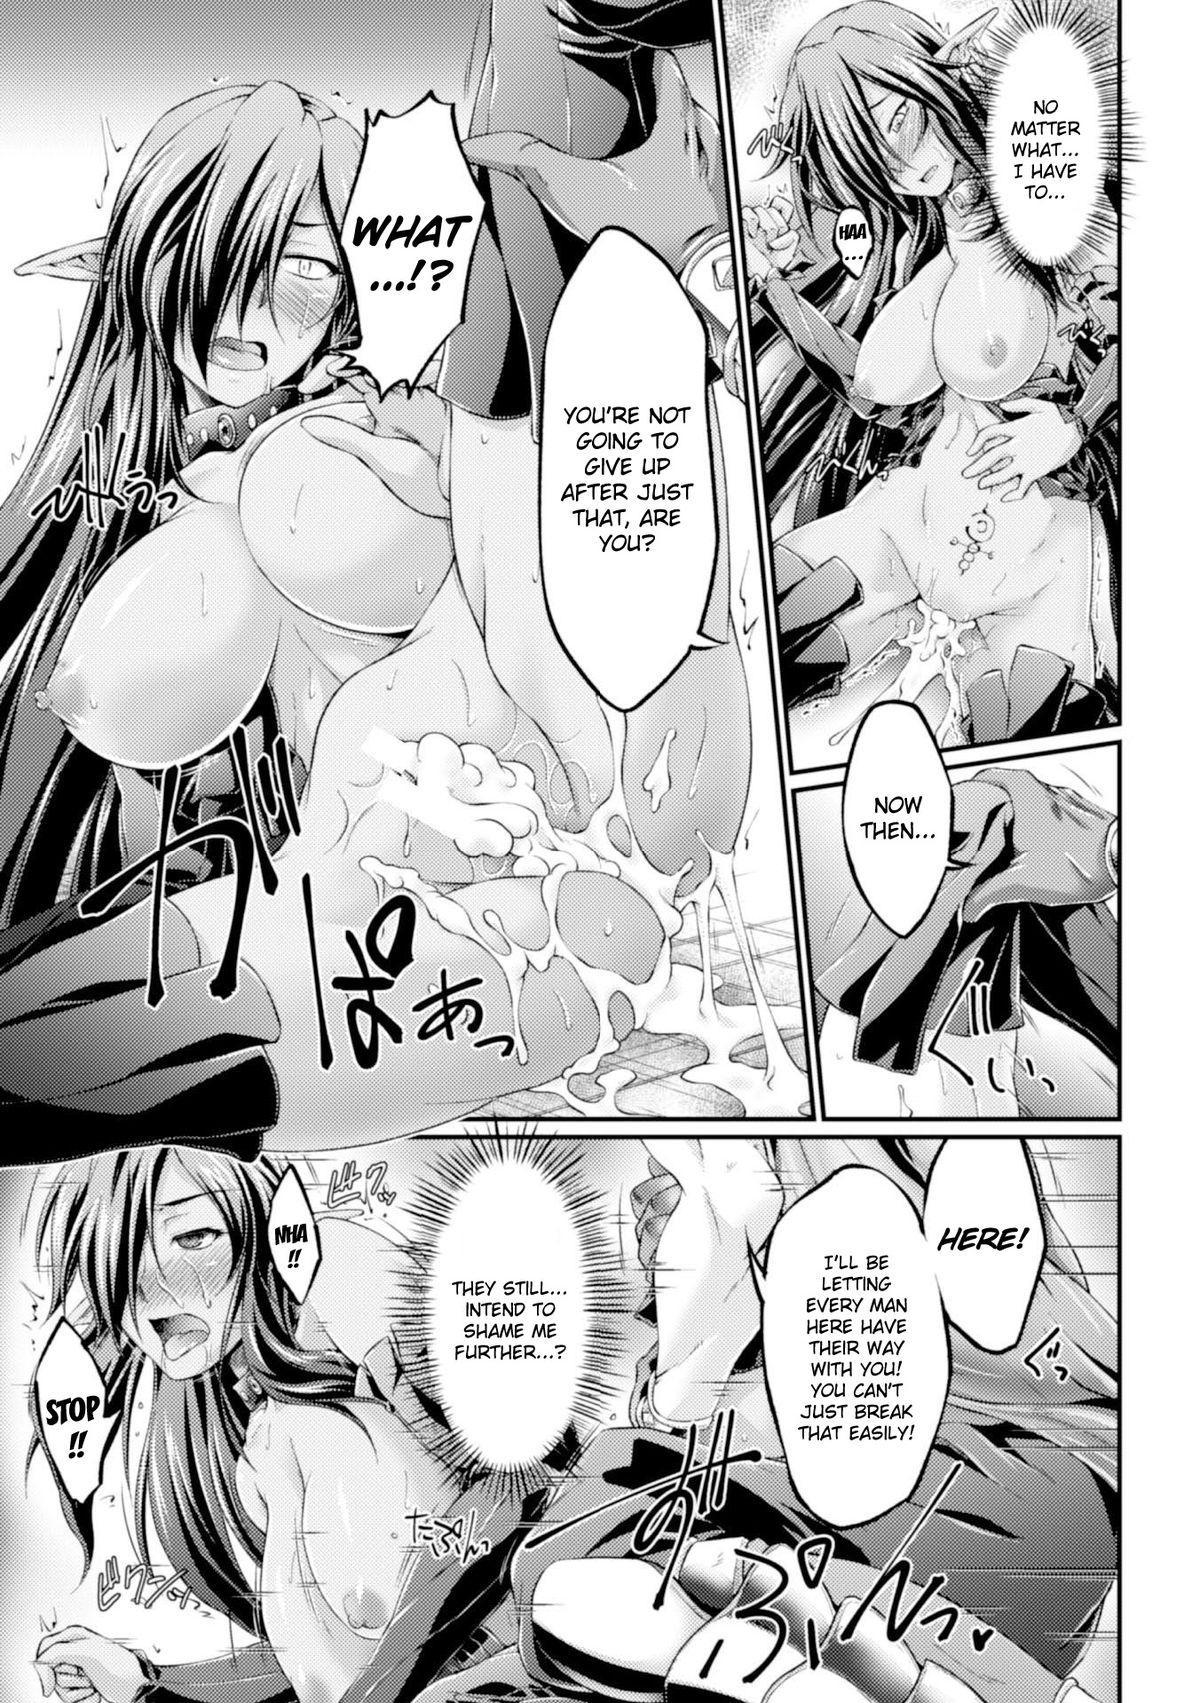 [Ootsuki Wataru] Kuroinu ~Kedakaki Seijo wa Hakudaku ni Somaru~ THE COMIC Chapters 1-5 [English] {Kizlan} [Digital] 12